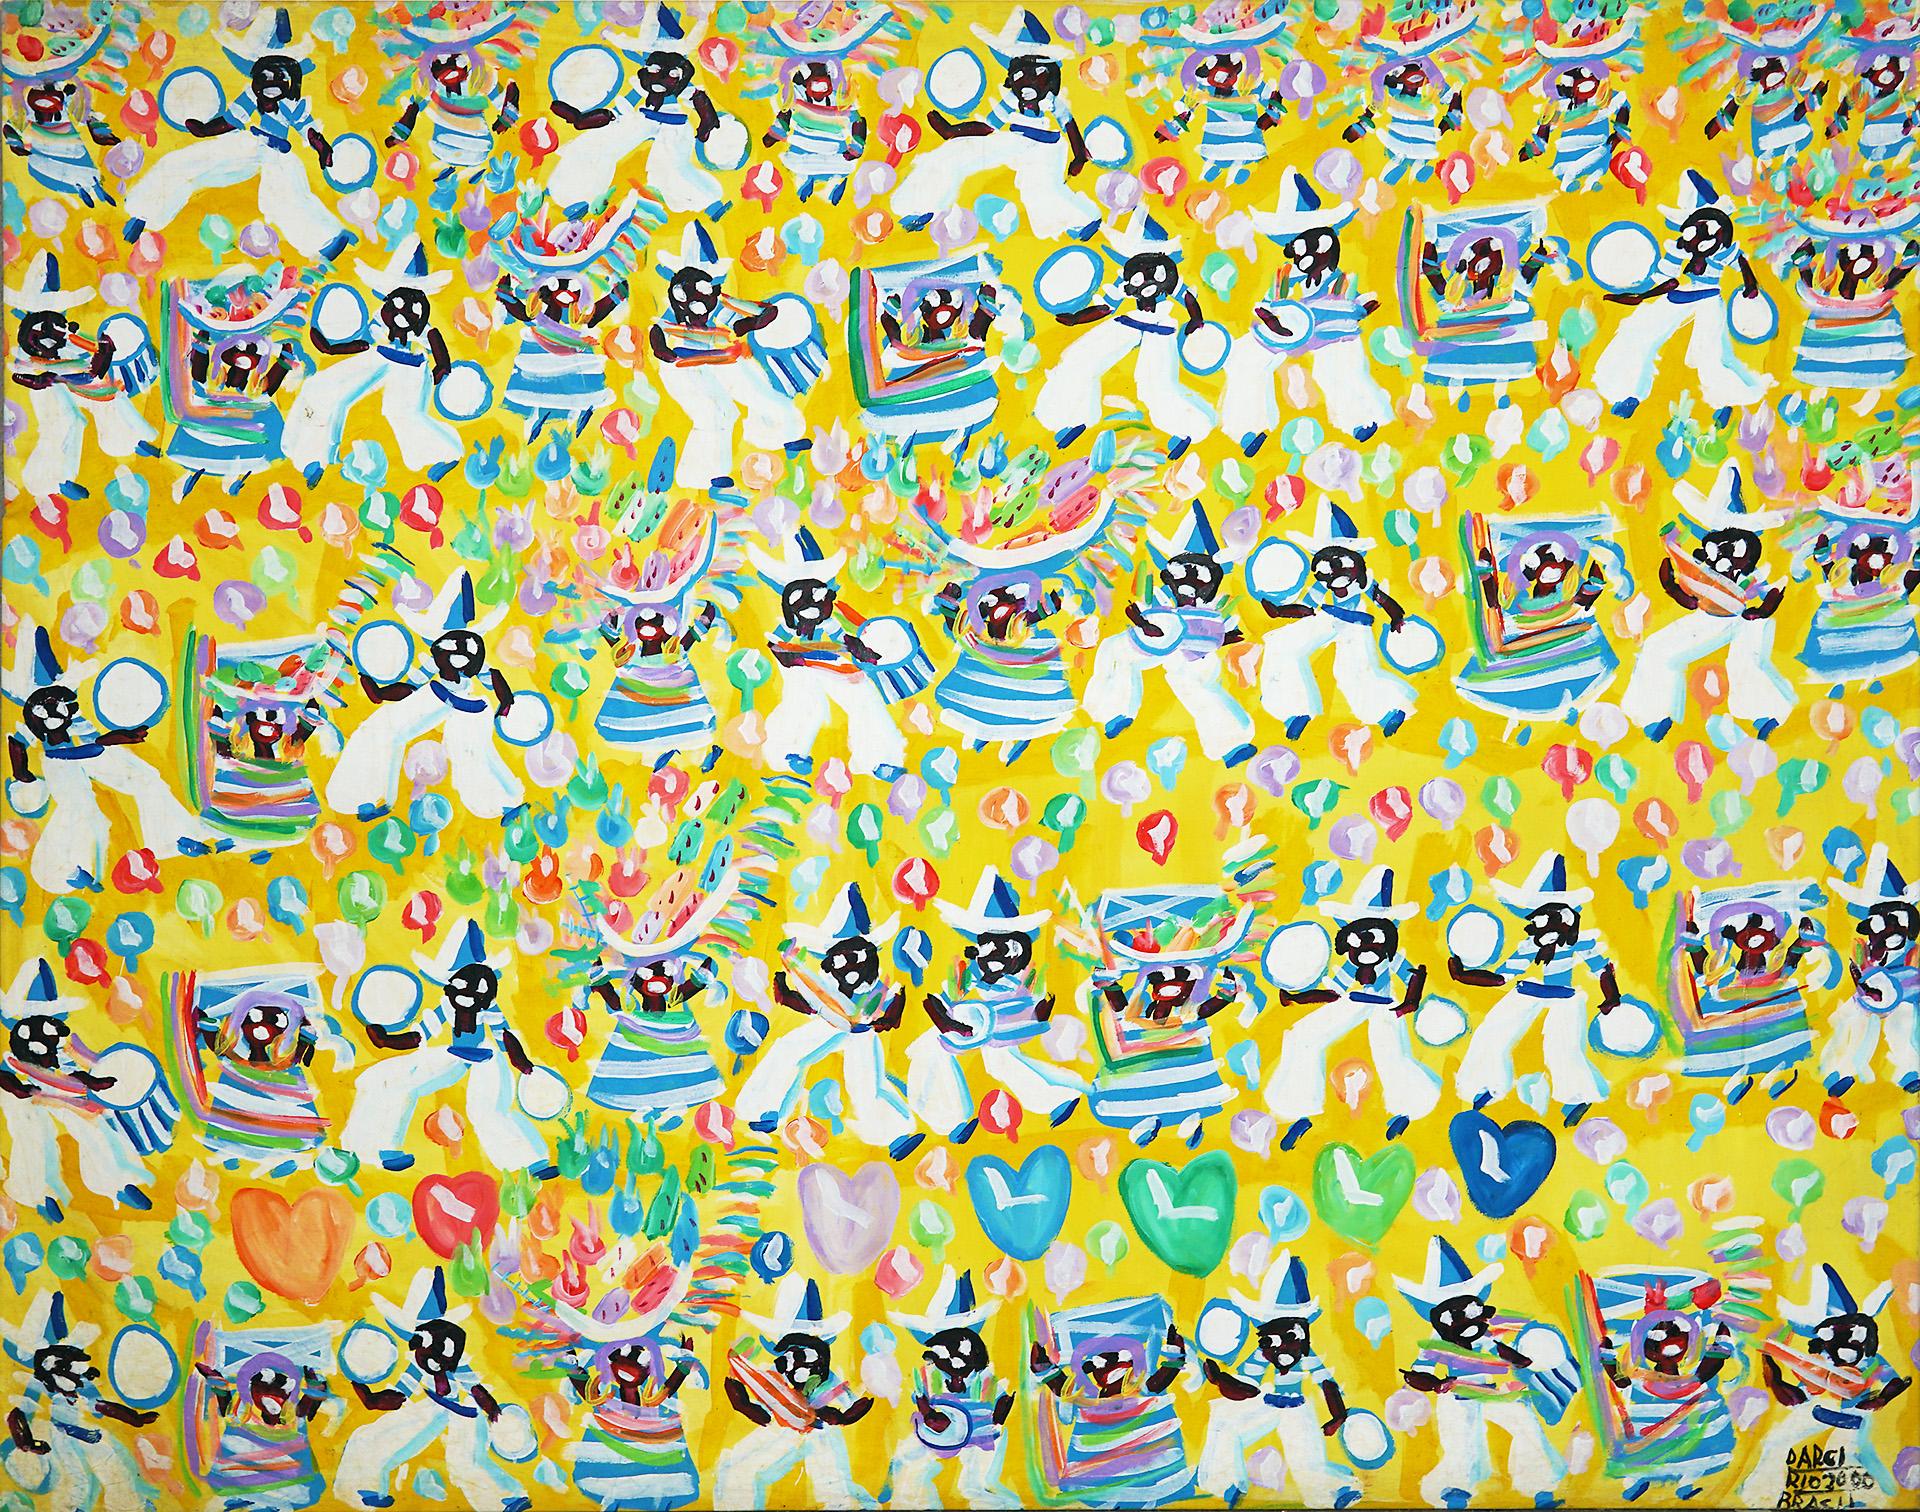 darci-rio-brasil-ohne-titel-nr160